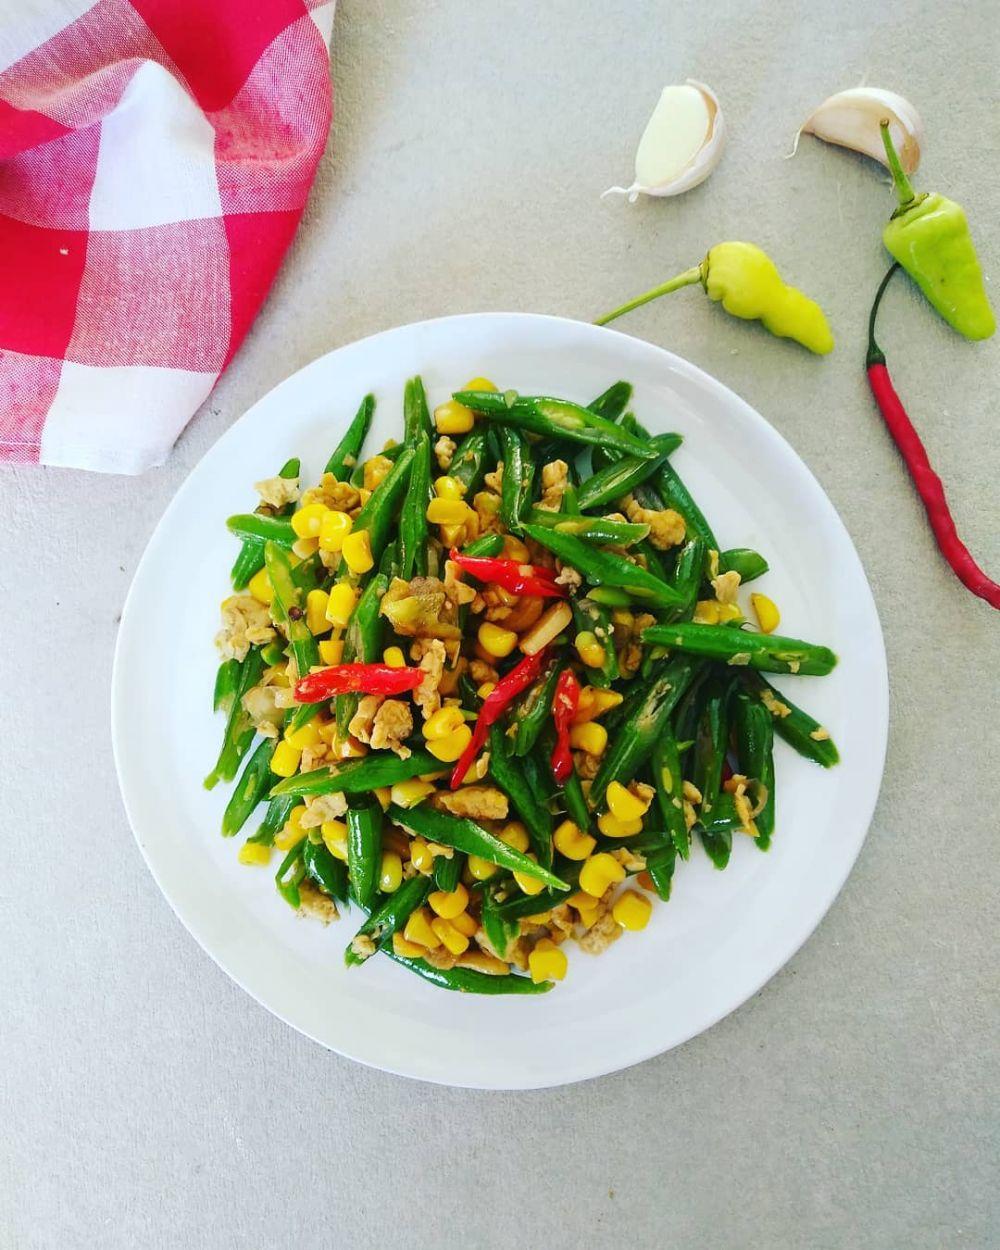 resep tumis jagung © Instagram